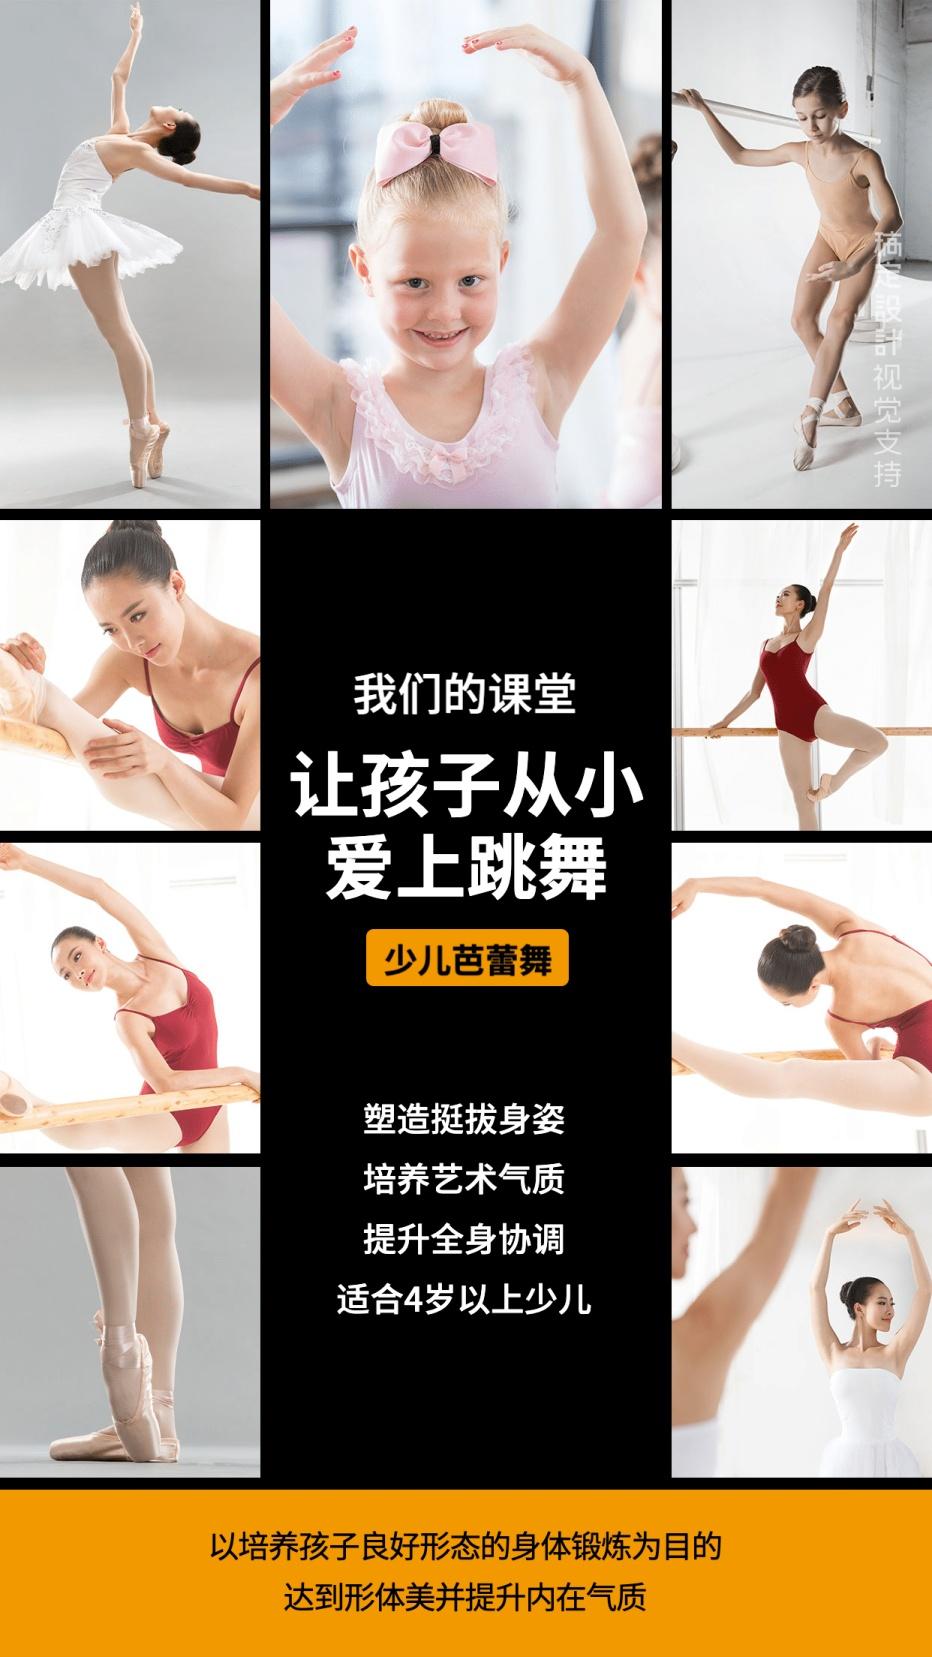 艺术兴趣班舞蹈美术拼图招生海报